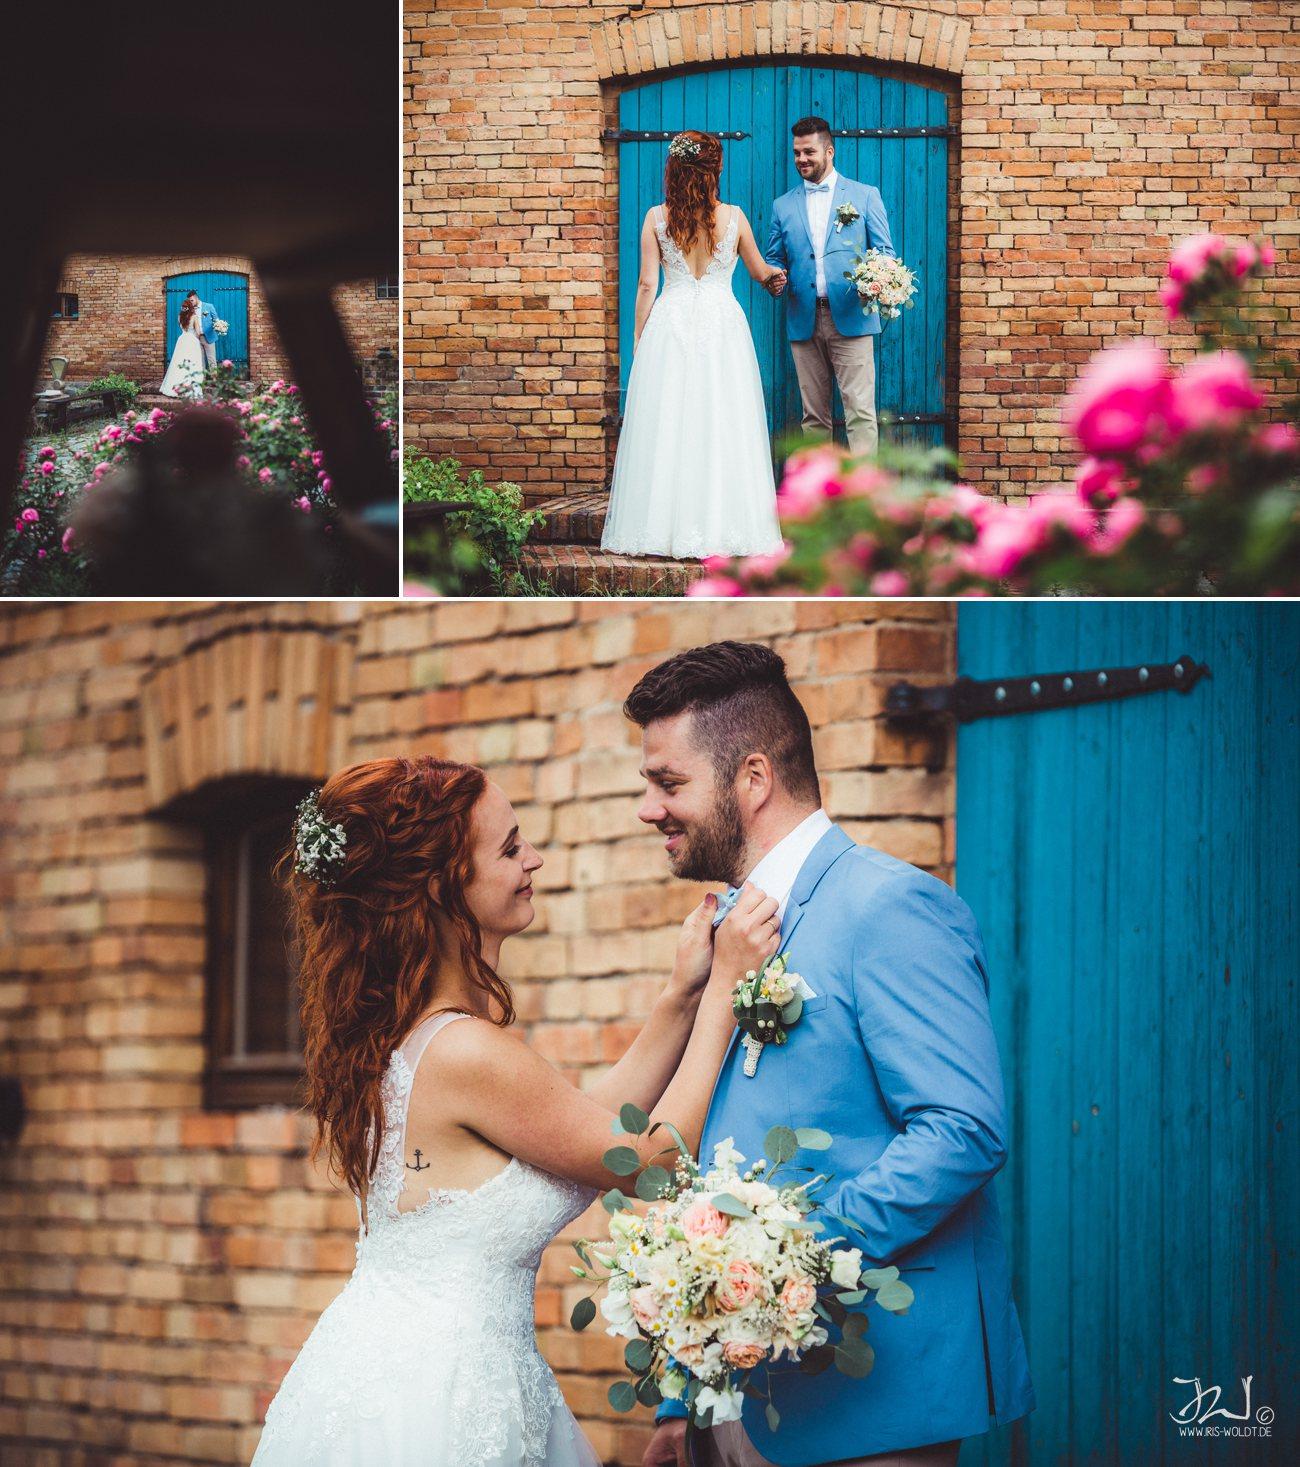 Hochzeitsfotograf_Altthymen_MuehleTornow_IrisWoldt 71